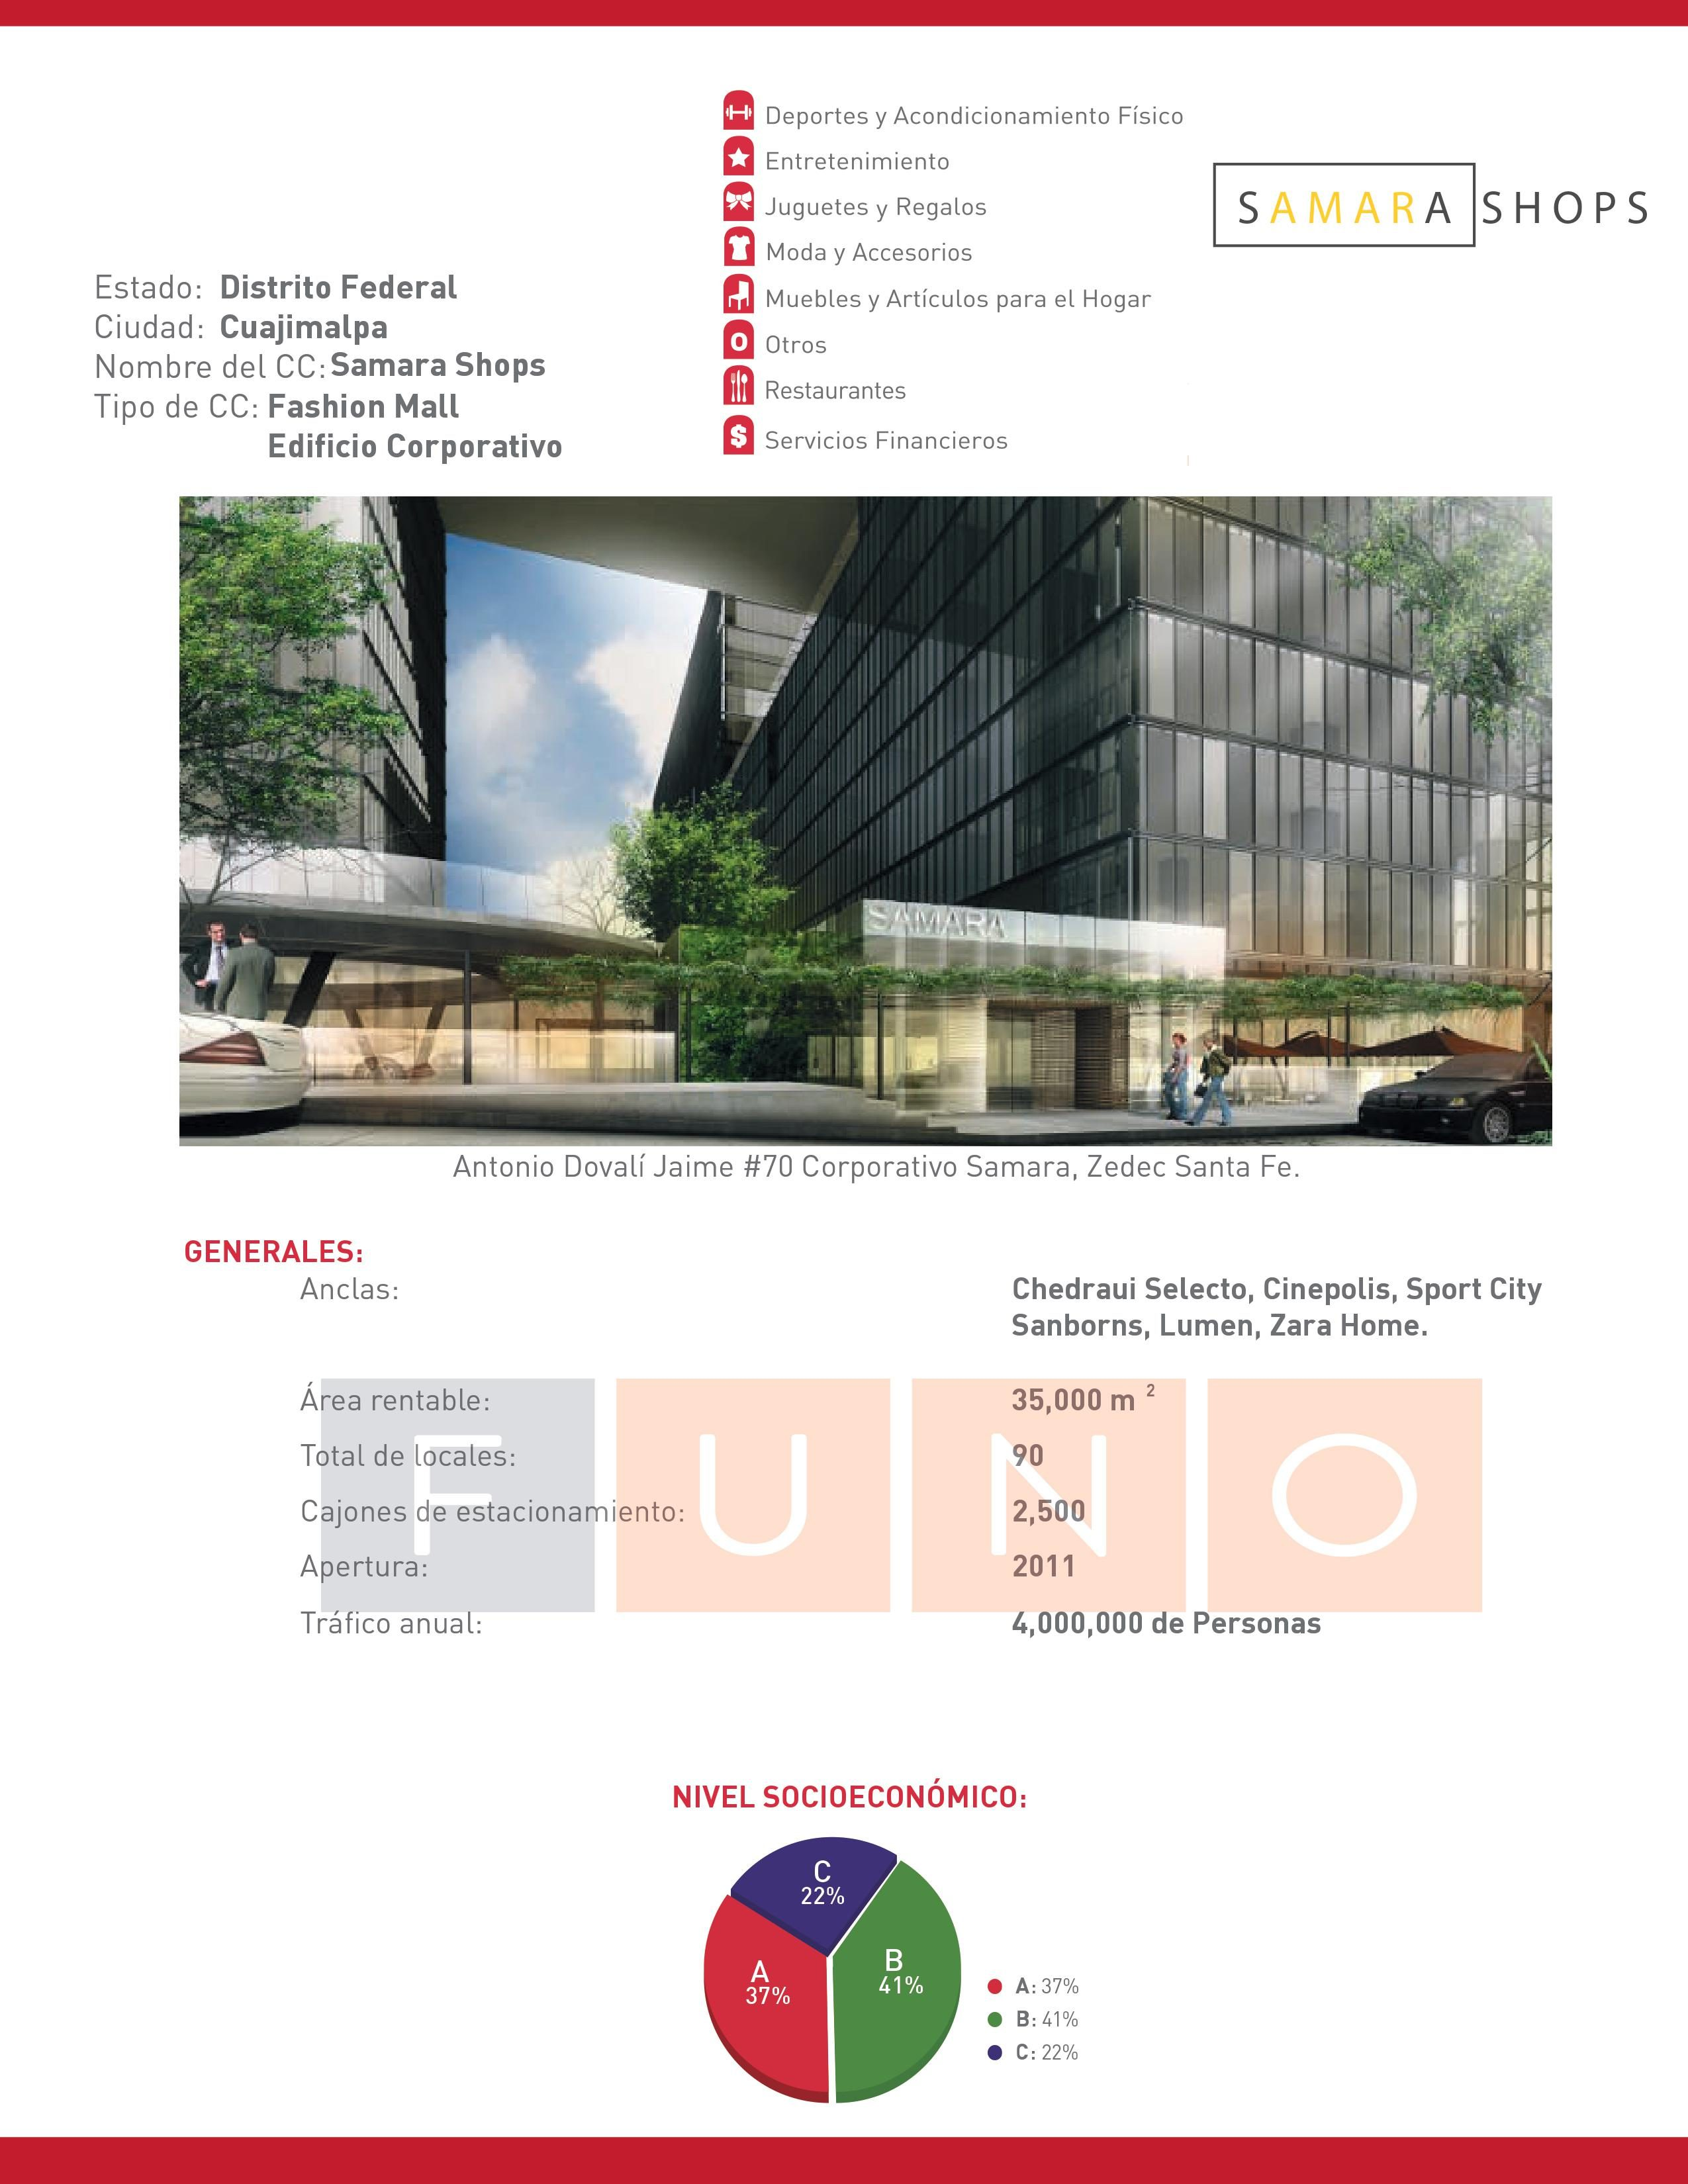 Co-Brochure Samara Shops (1)